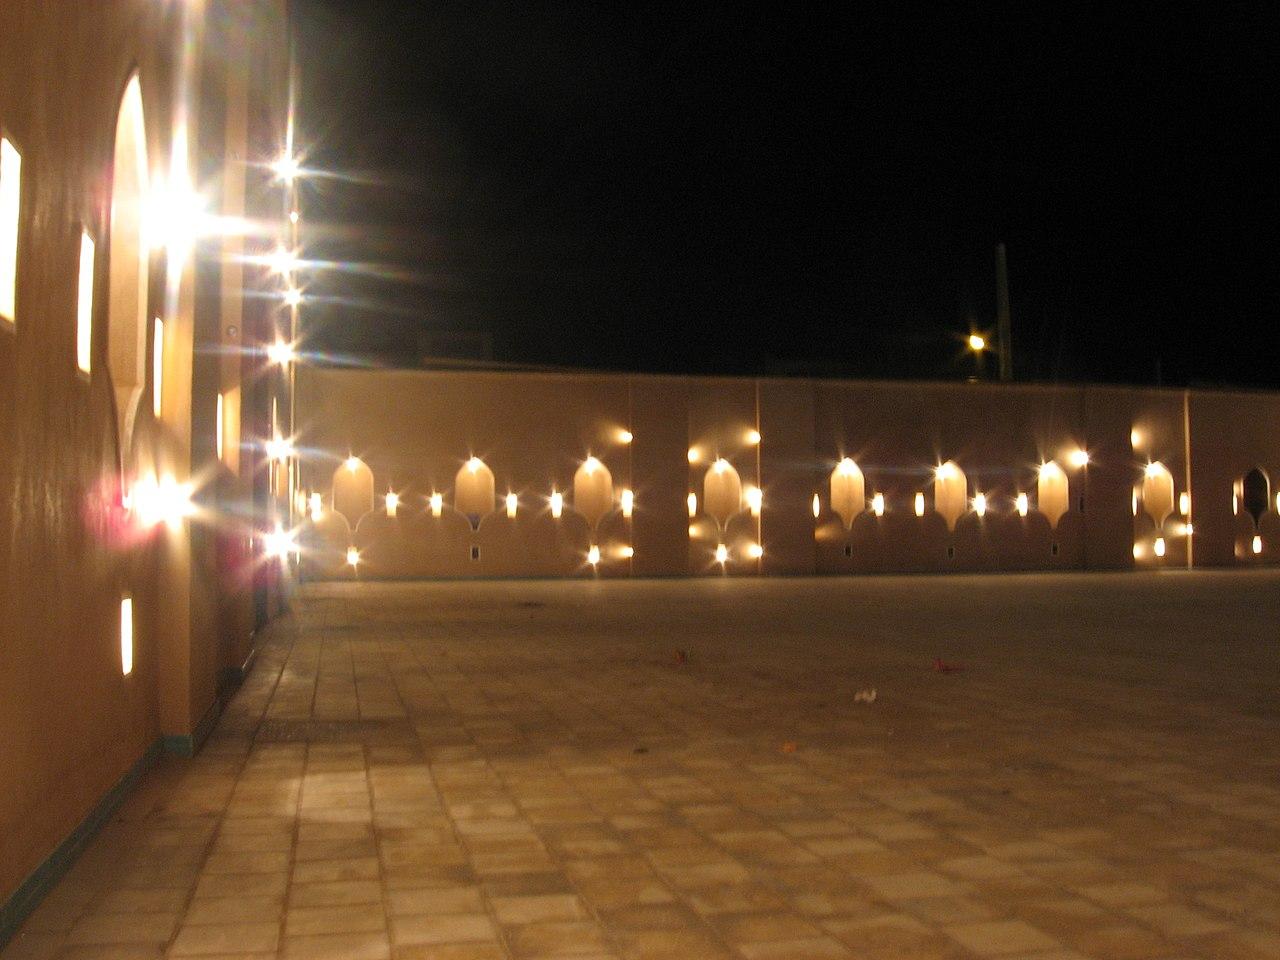 بخش ورودی باغ دولت آباد هنگام شب